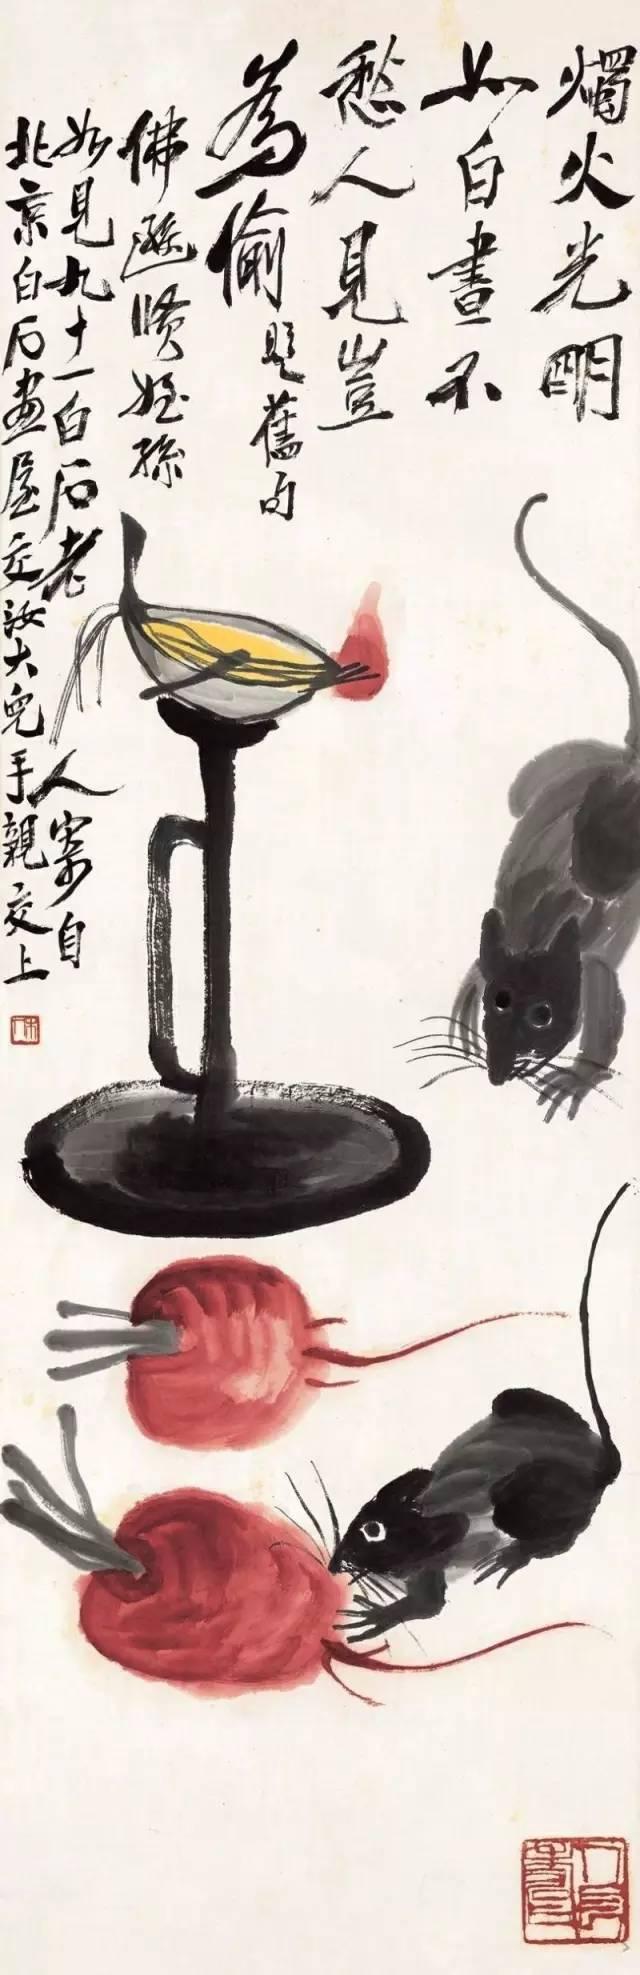 h和风日式小说,全文阅读小说h,小说h 乳汁